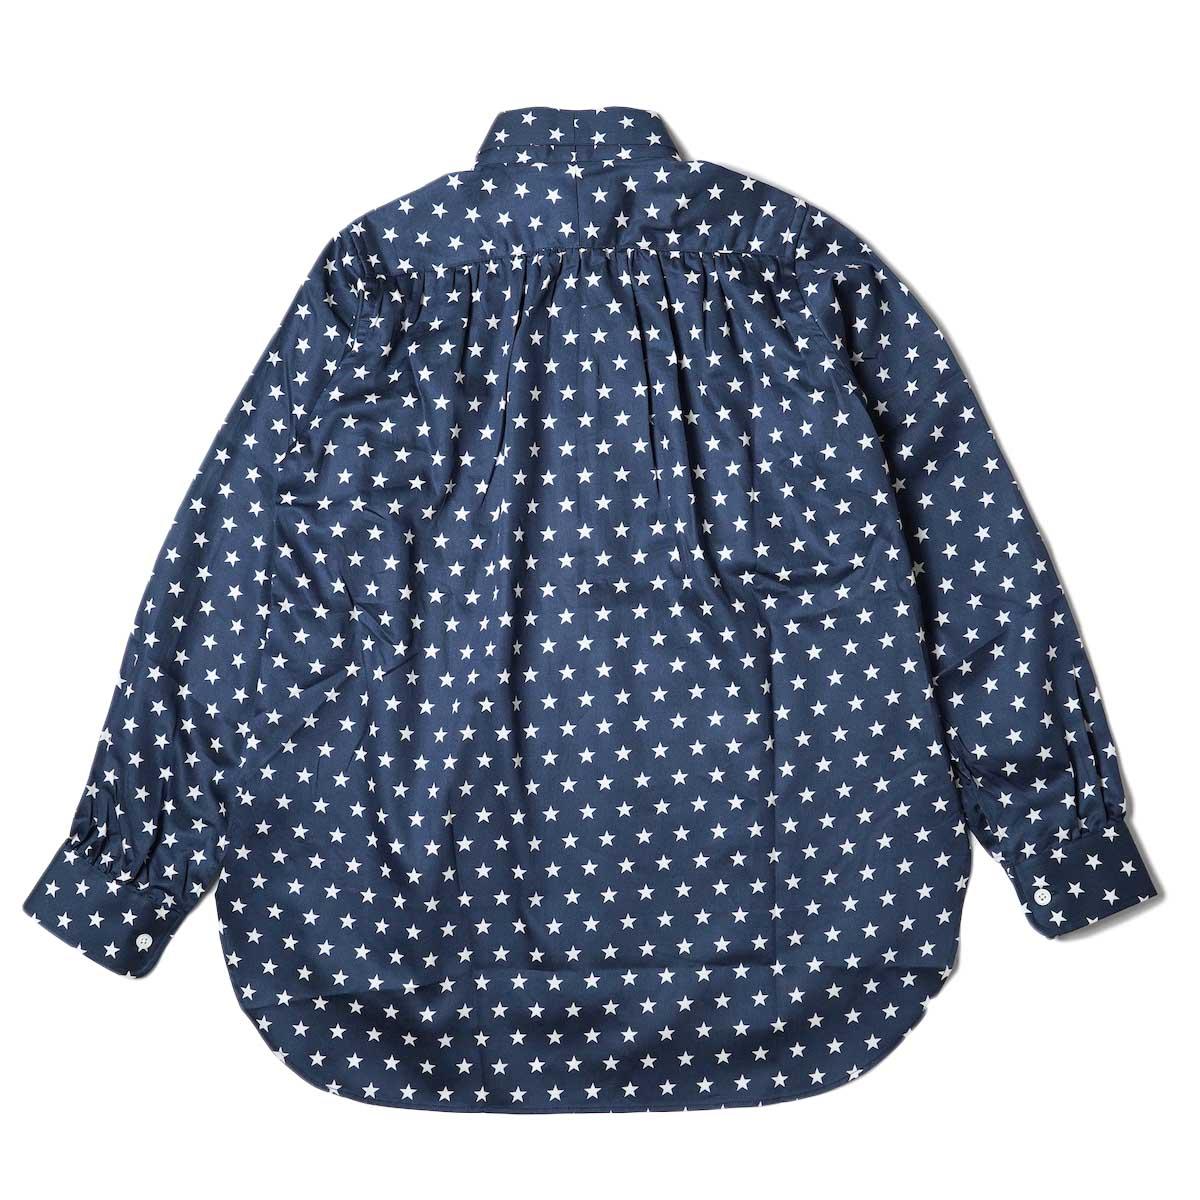 Needles / Ascot Collar EDW Shirt - Cotton Sateen / Pt (Star B) 背面